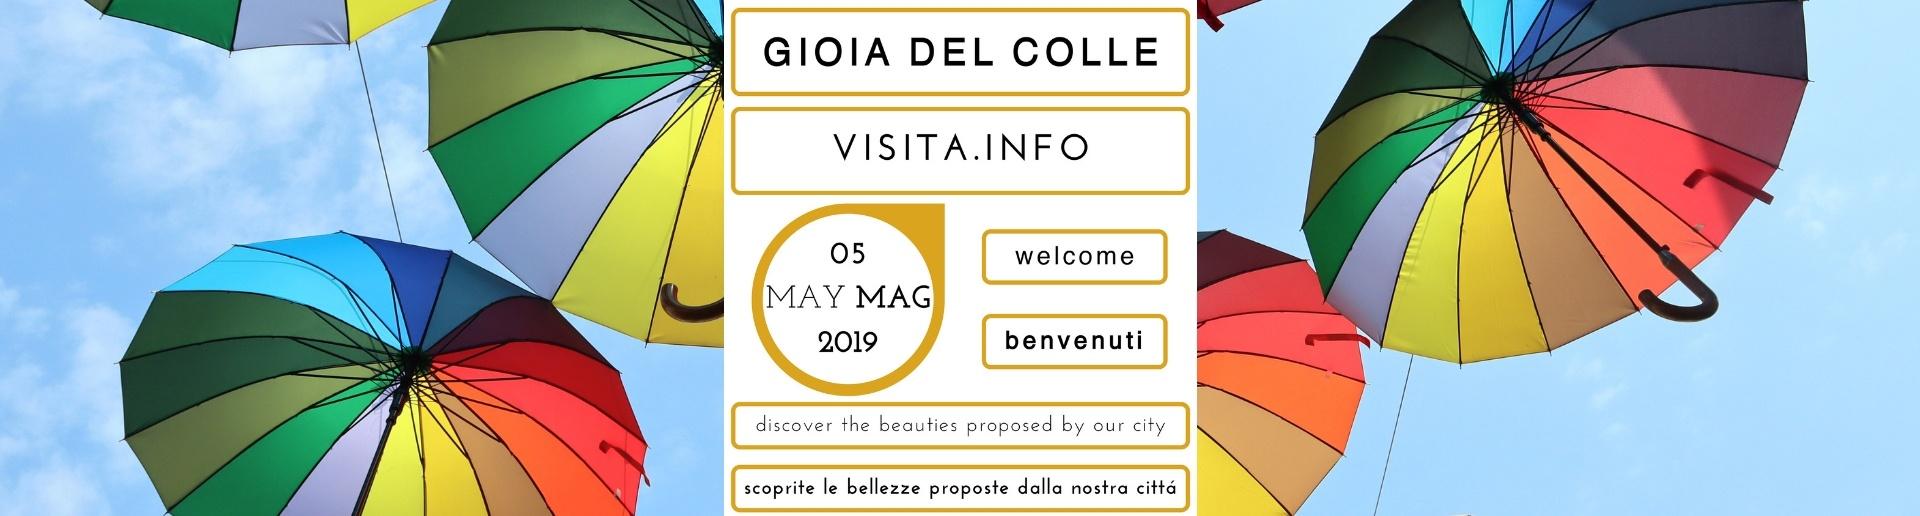 copertina gioiadelcolle.visita.info 5 maggio 2019